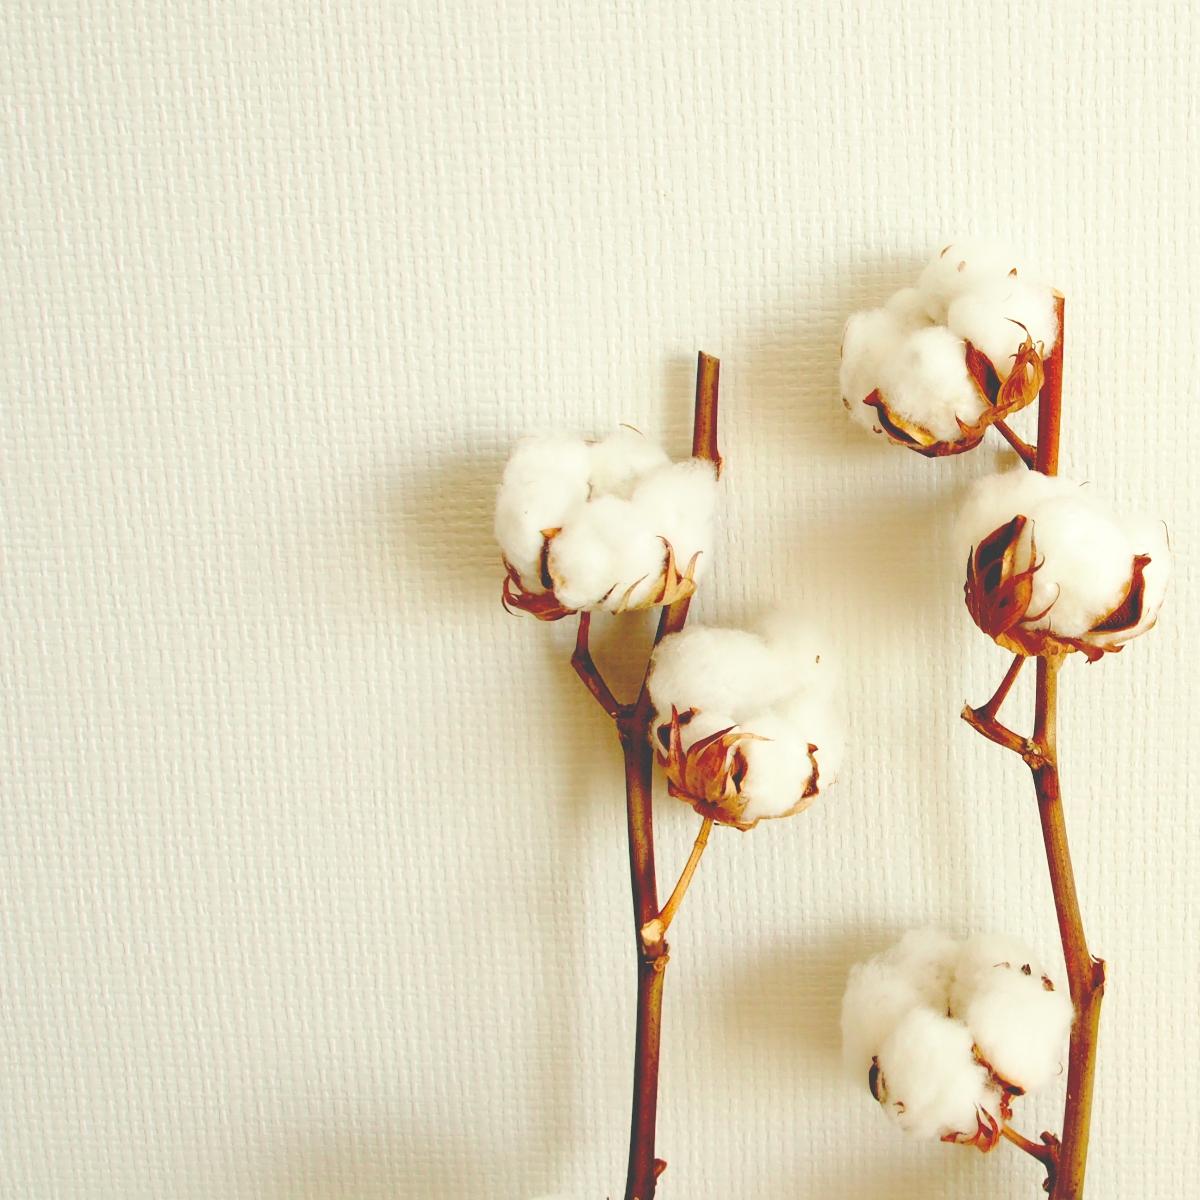 インテリアに!綿の実・わたの木・コットンフラワーの飾り方&リース